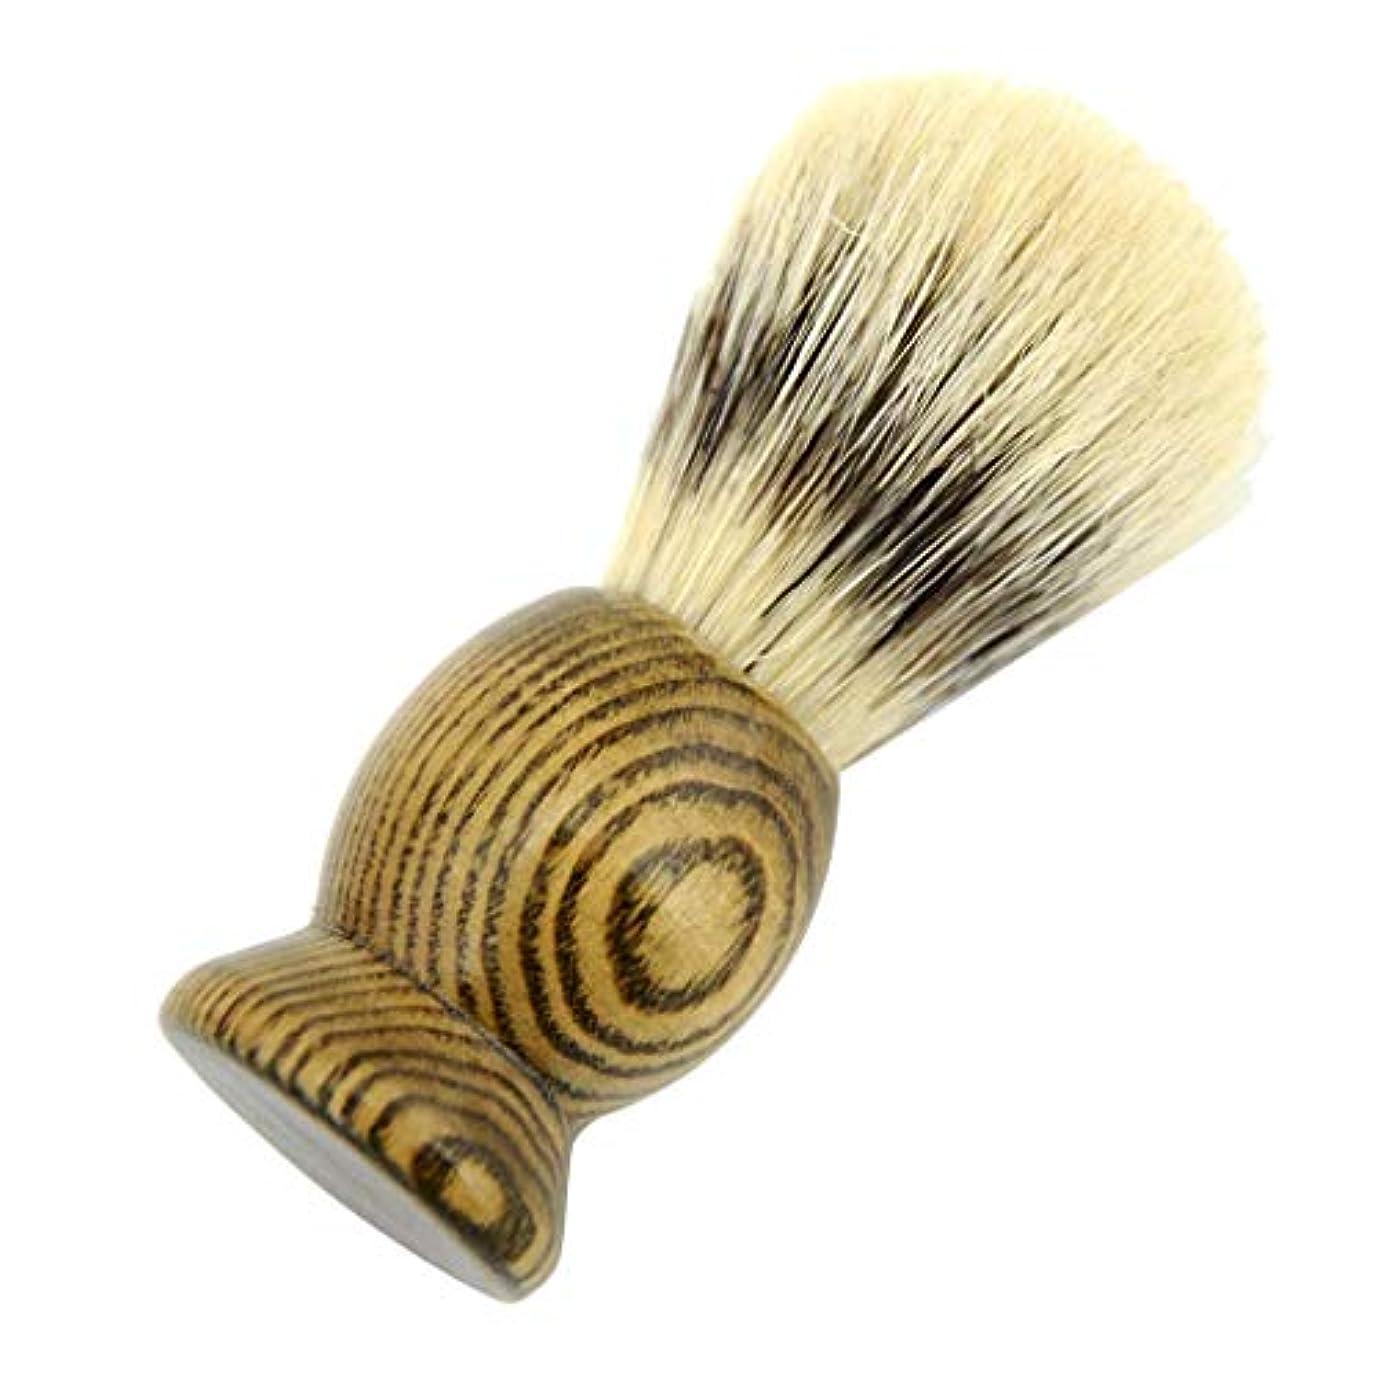 反動香り糸ひげブラシ メンズ シェービングブラシ 髭剃り 理容 洗顔 ポータブルひげ剃り美容ツール